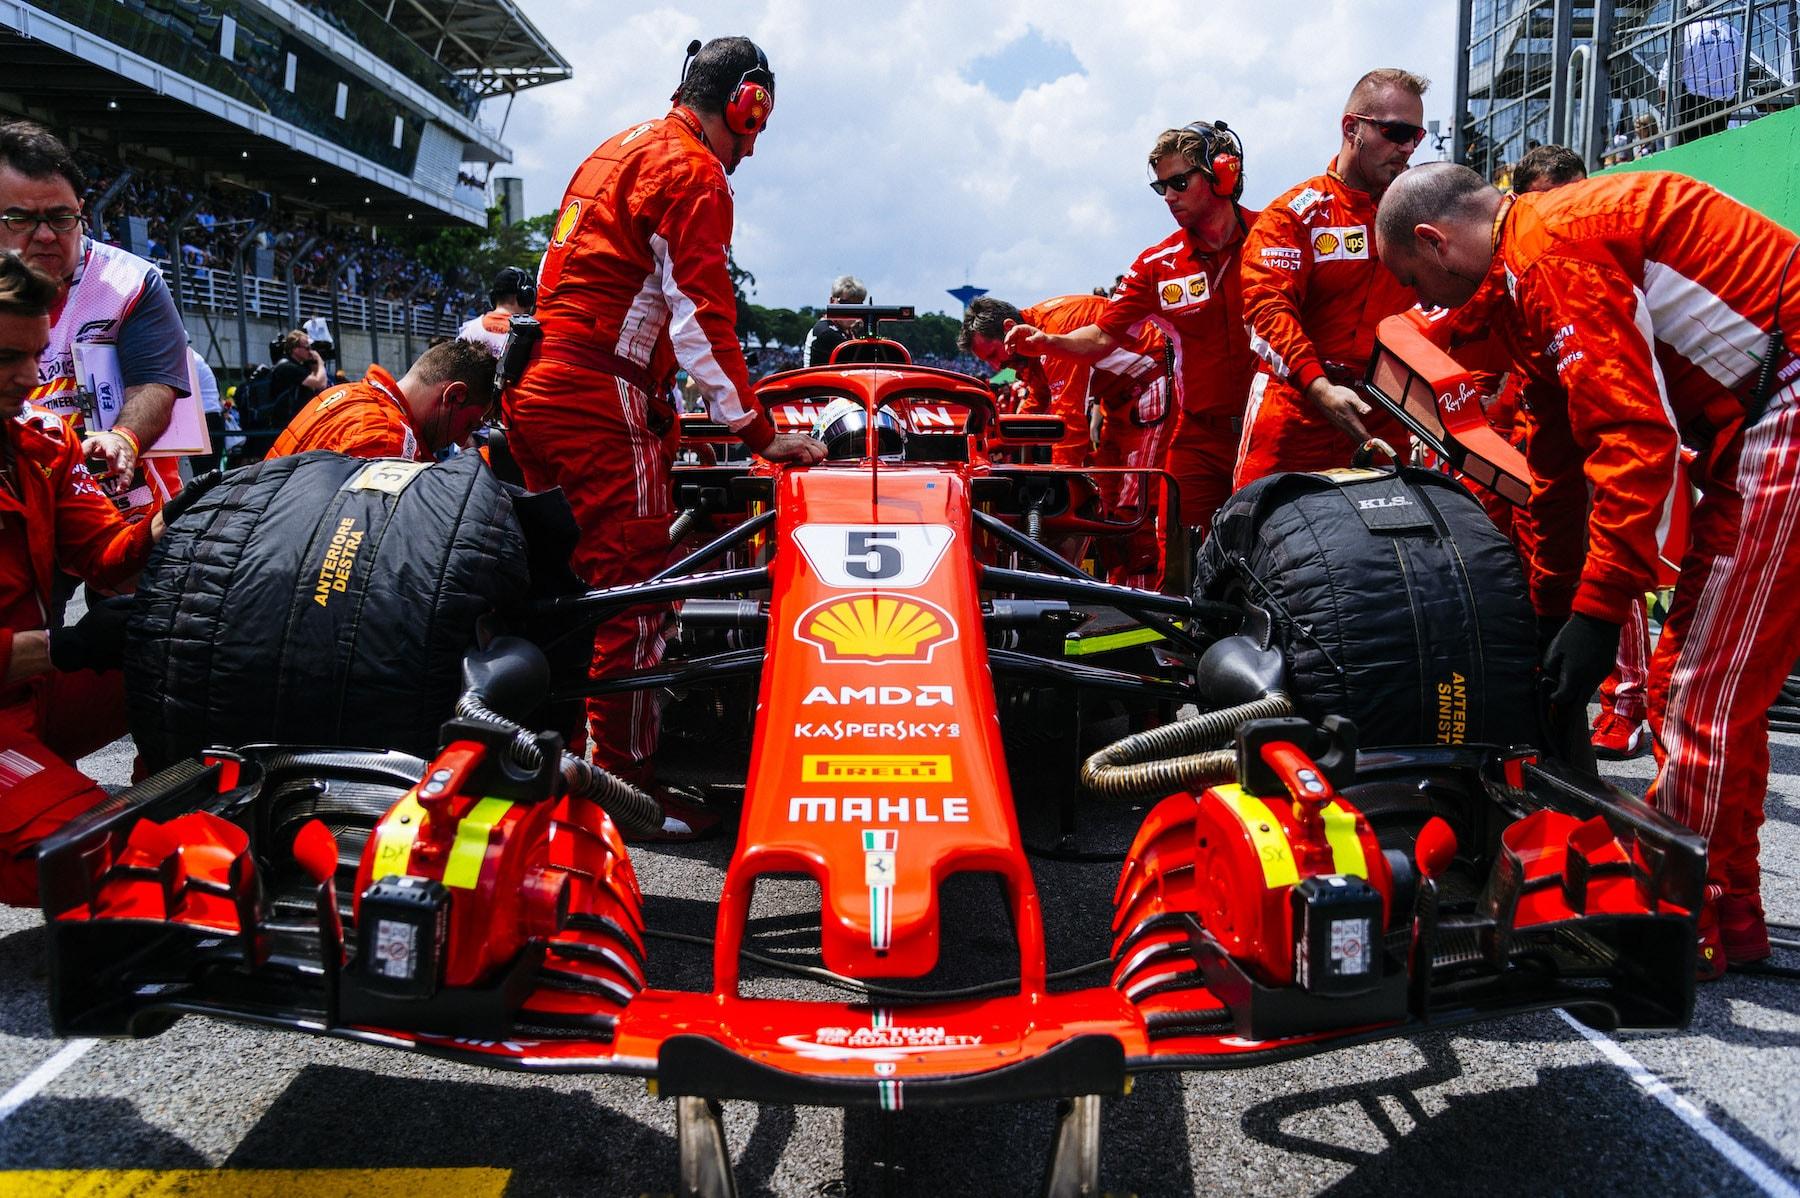 B 2018 Sebastian Vettel | Ferrari SF71H | 2018 Brazilian GP P6 3 copy.jpg